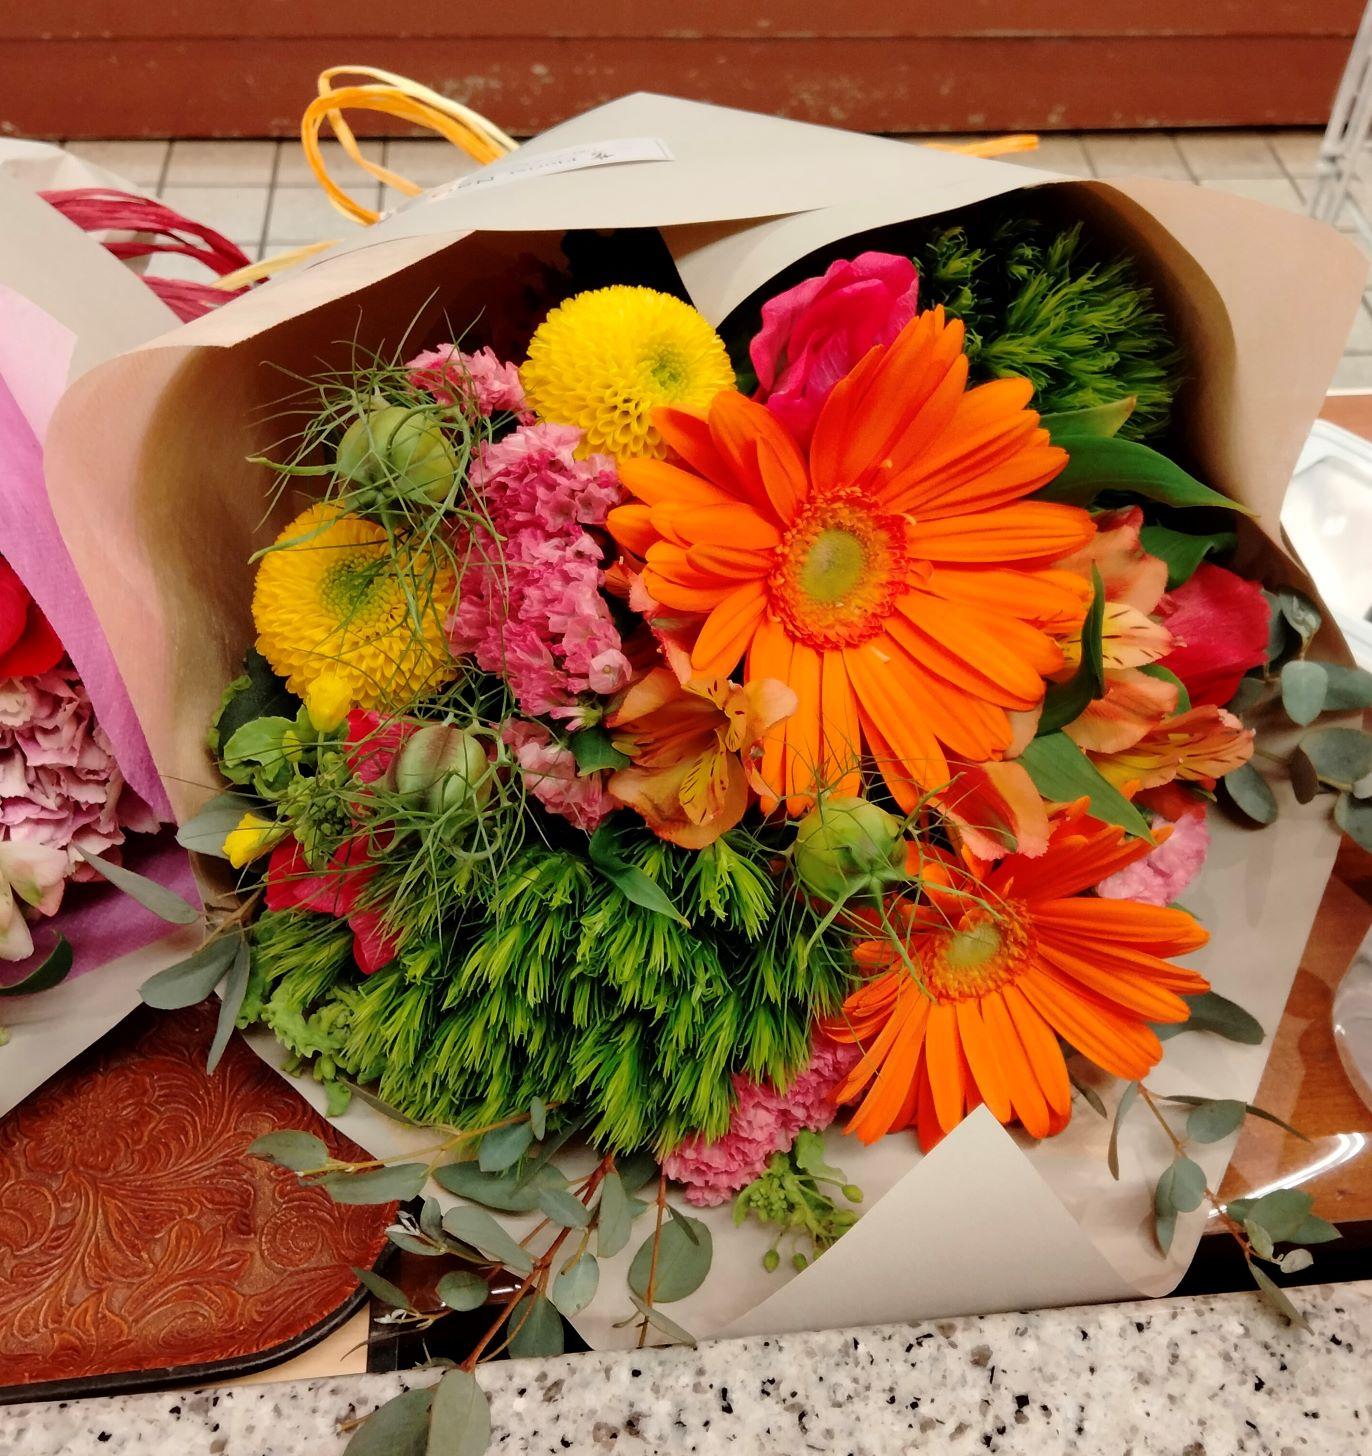 横浜市本町へ花束を配達しました。【横浜花屋の花束・スタンド花・胡蝶蘭・バルーン・アレンジメント配達事例881】